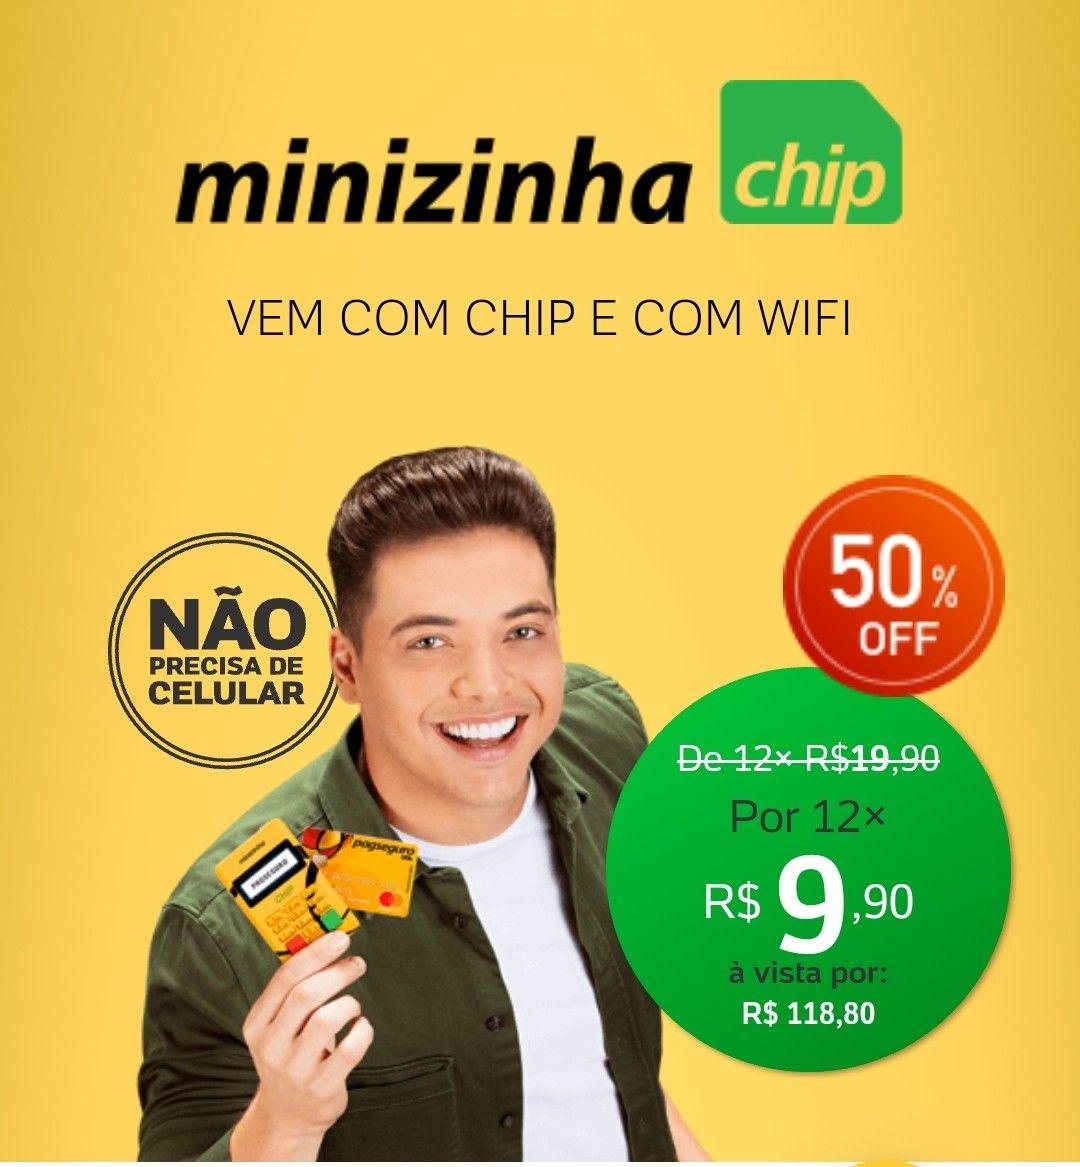 Minizinha Chip 2 Controle De Estoque Venda De Cosmeticos E